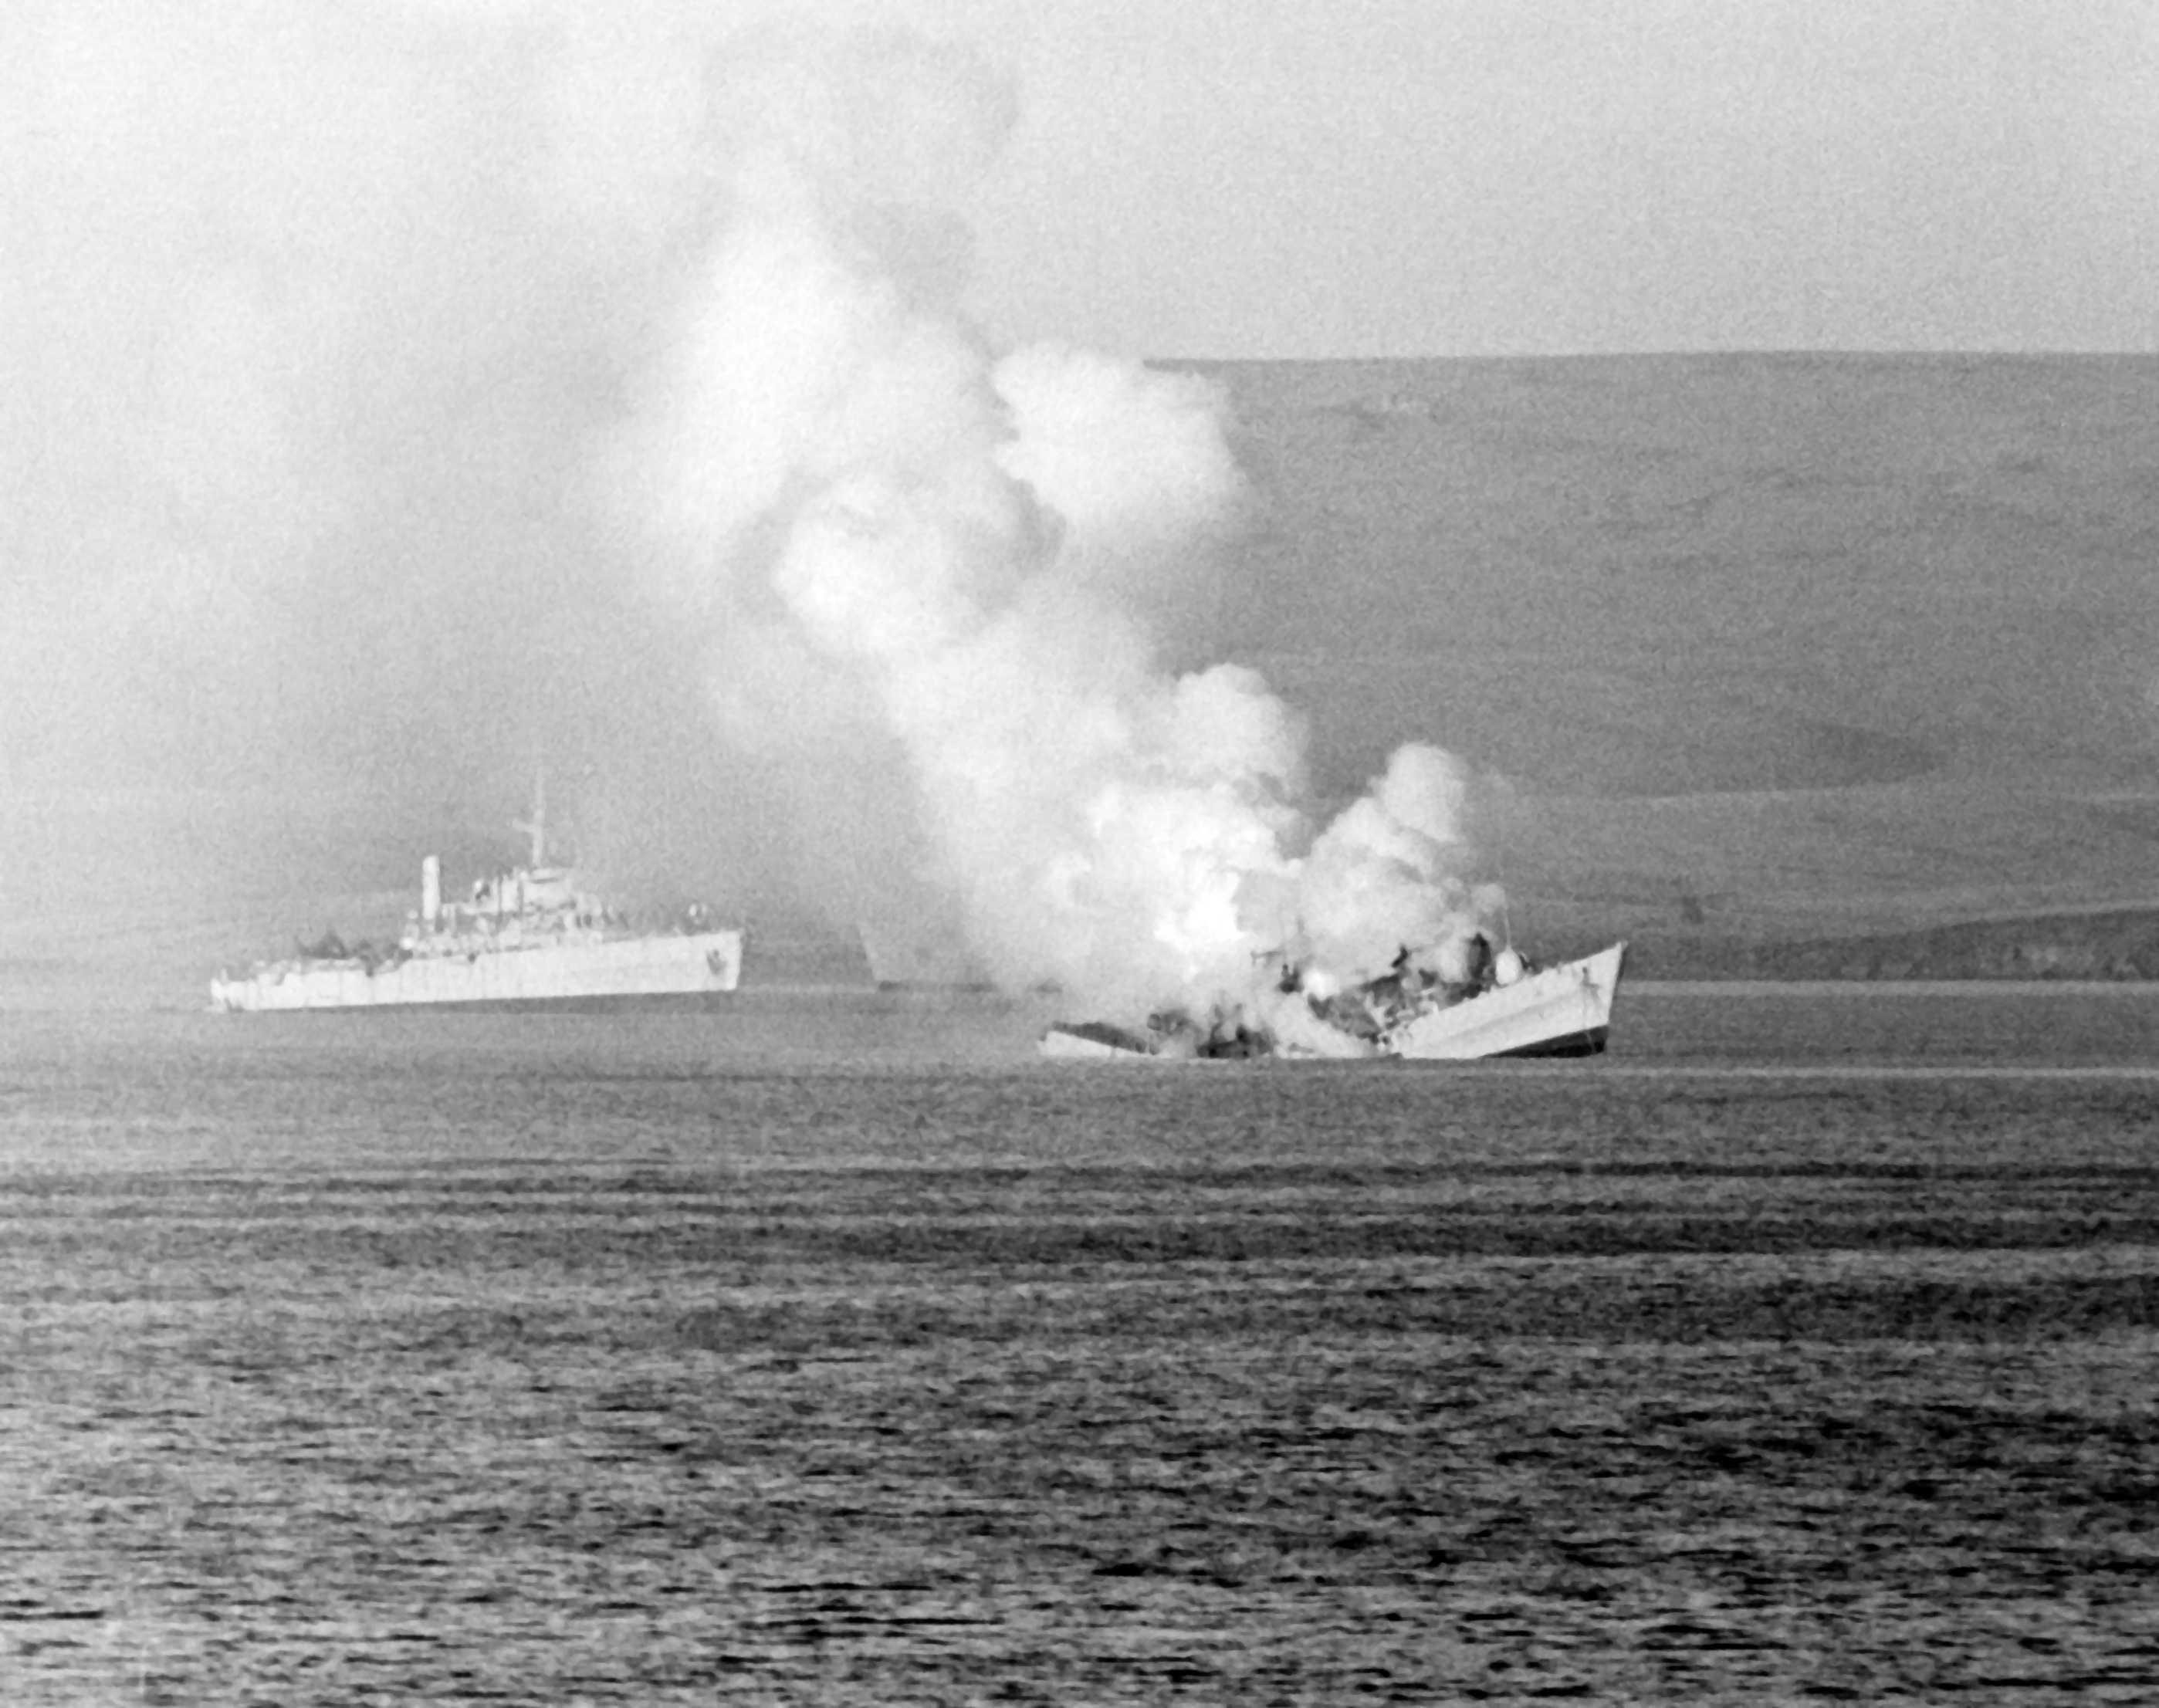 A Ditadura Argentina confrontada com a Guerra: Lembranças de um velho repórter sobre o conflito das Malvinas